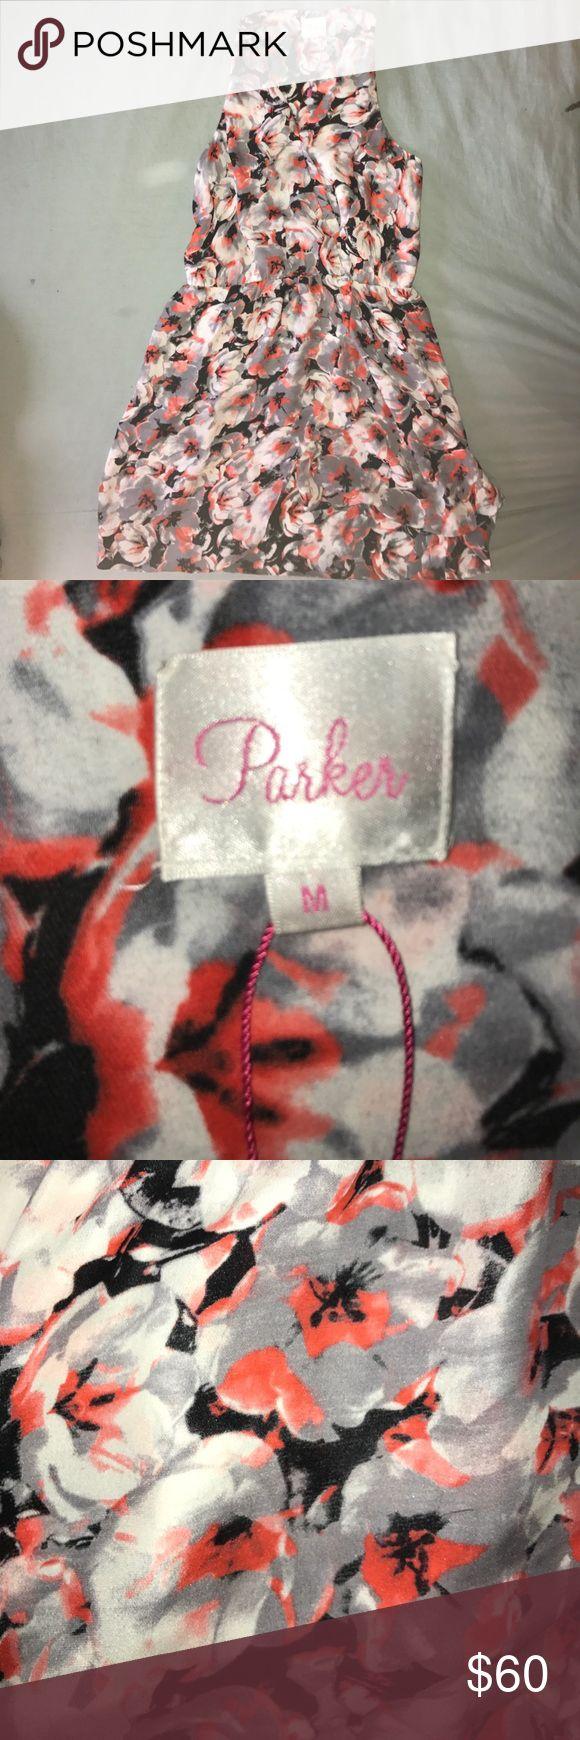 Parker Dress Parker Floral Wrap Dress, Medium, new condition Parker Dresses Mini